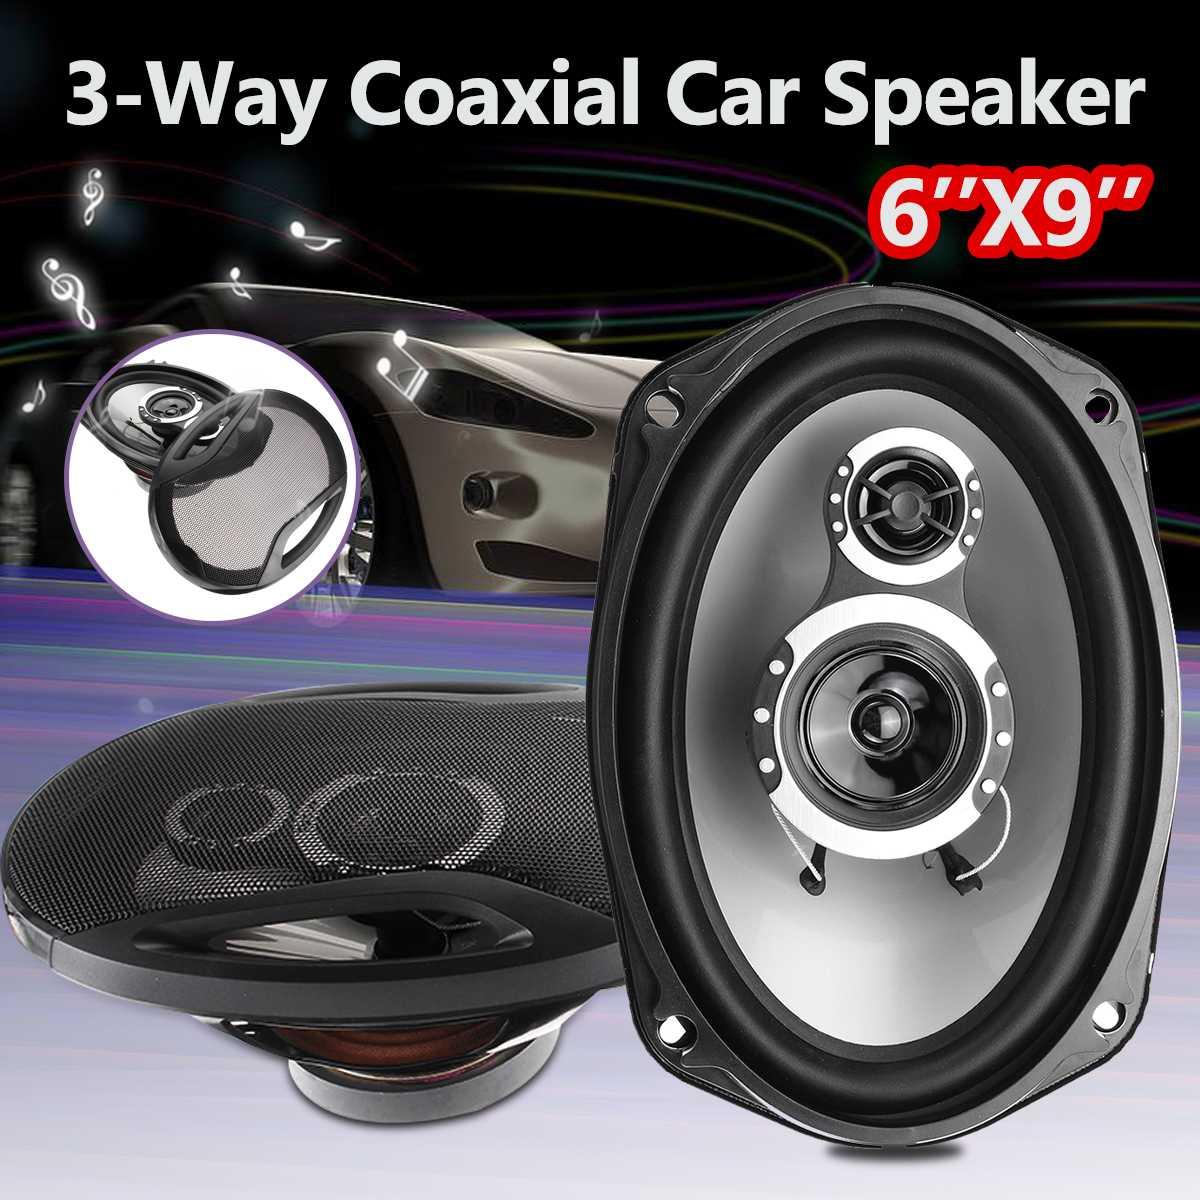 2 pièces 6 ''x 9'' 3-Way Twin Tone Auto porte de voiture étagère haut-parleurs coaxiaux 12 V 1000 W haute fréquence Hifi caissons de basses son haut-parleur